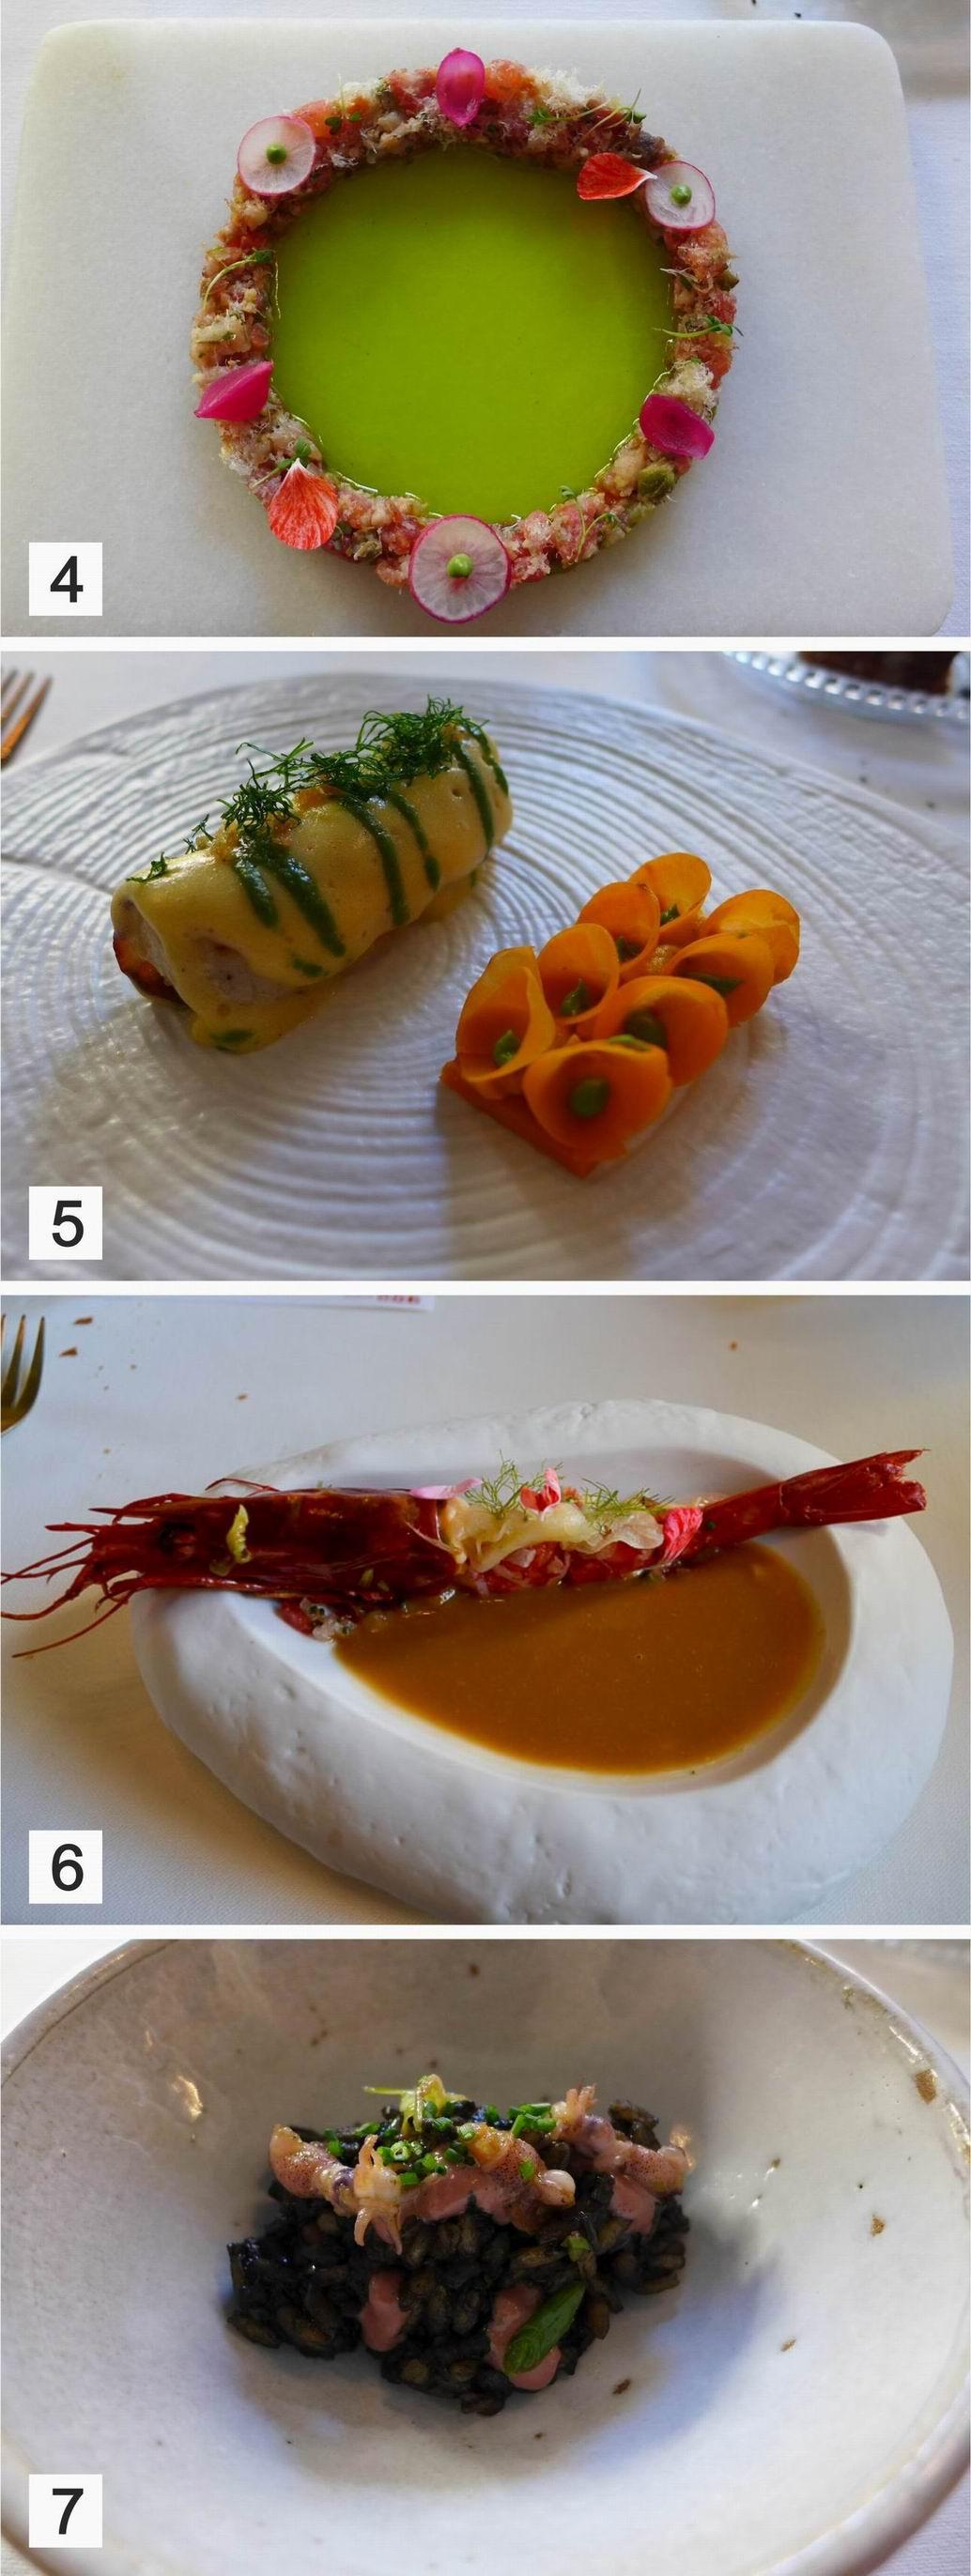 Restaurante en Valencia La tiara, Raya, Carabinero y Arroz de sepia bruta